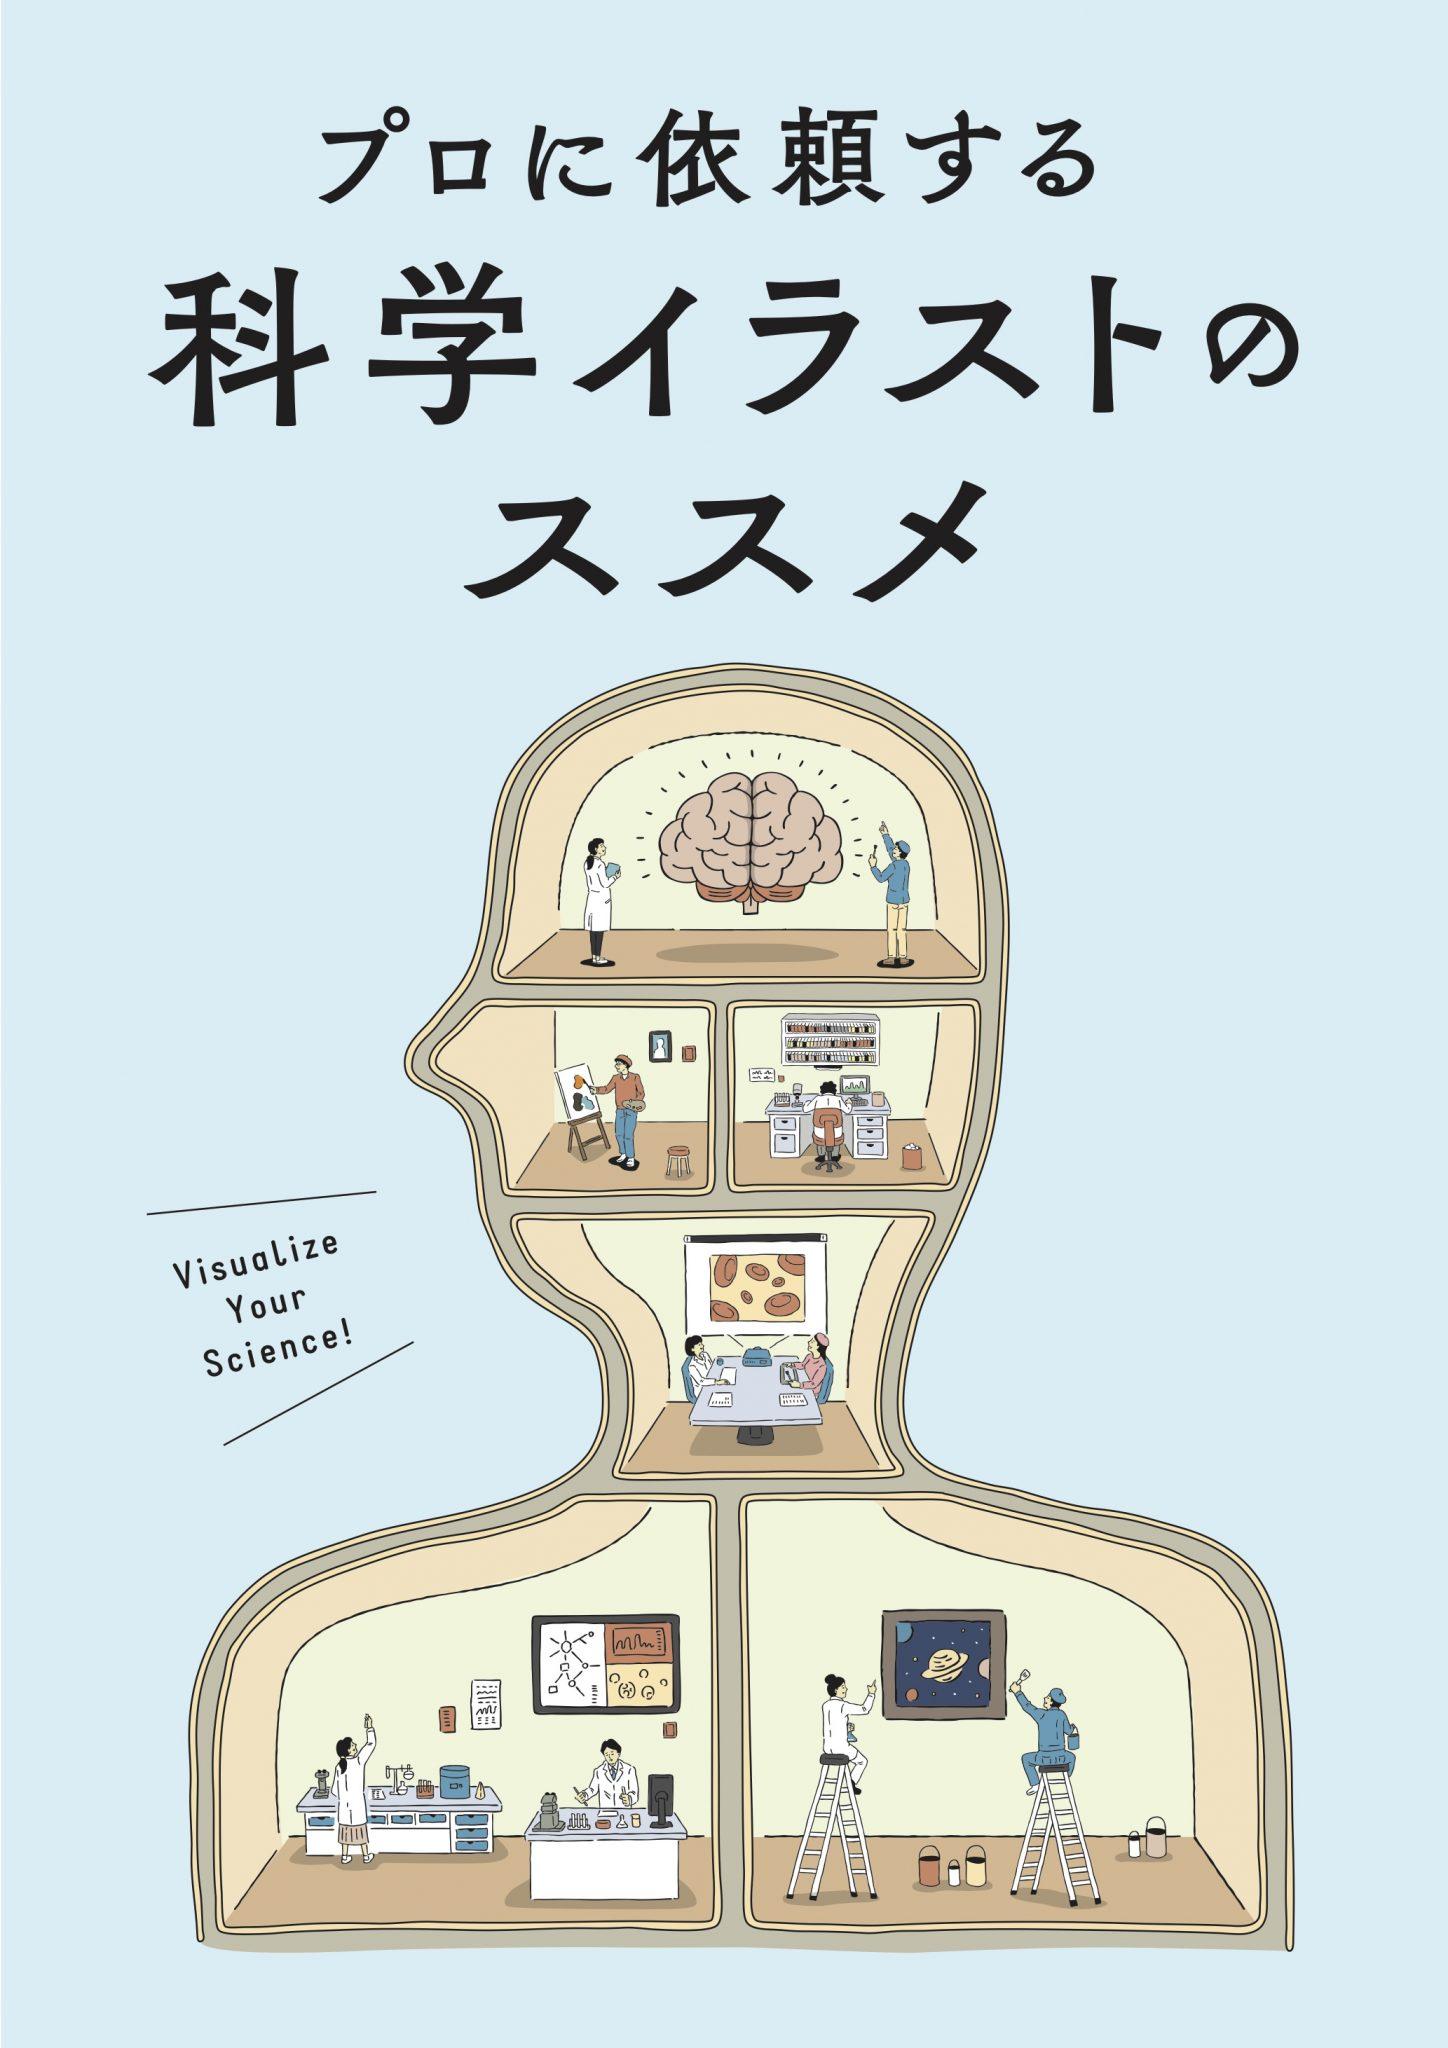 研究をひとめで伝える科学イラストセミナー&冊子『プロに依頼する科学イラストのススメ』